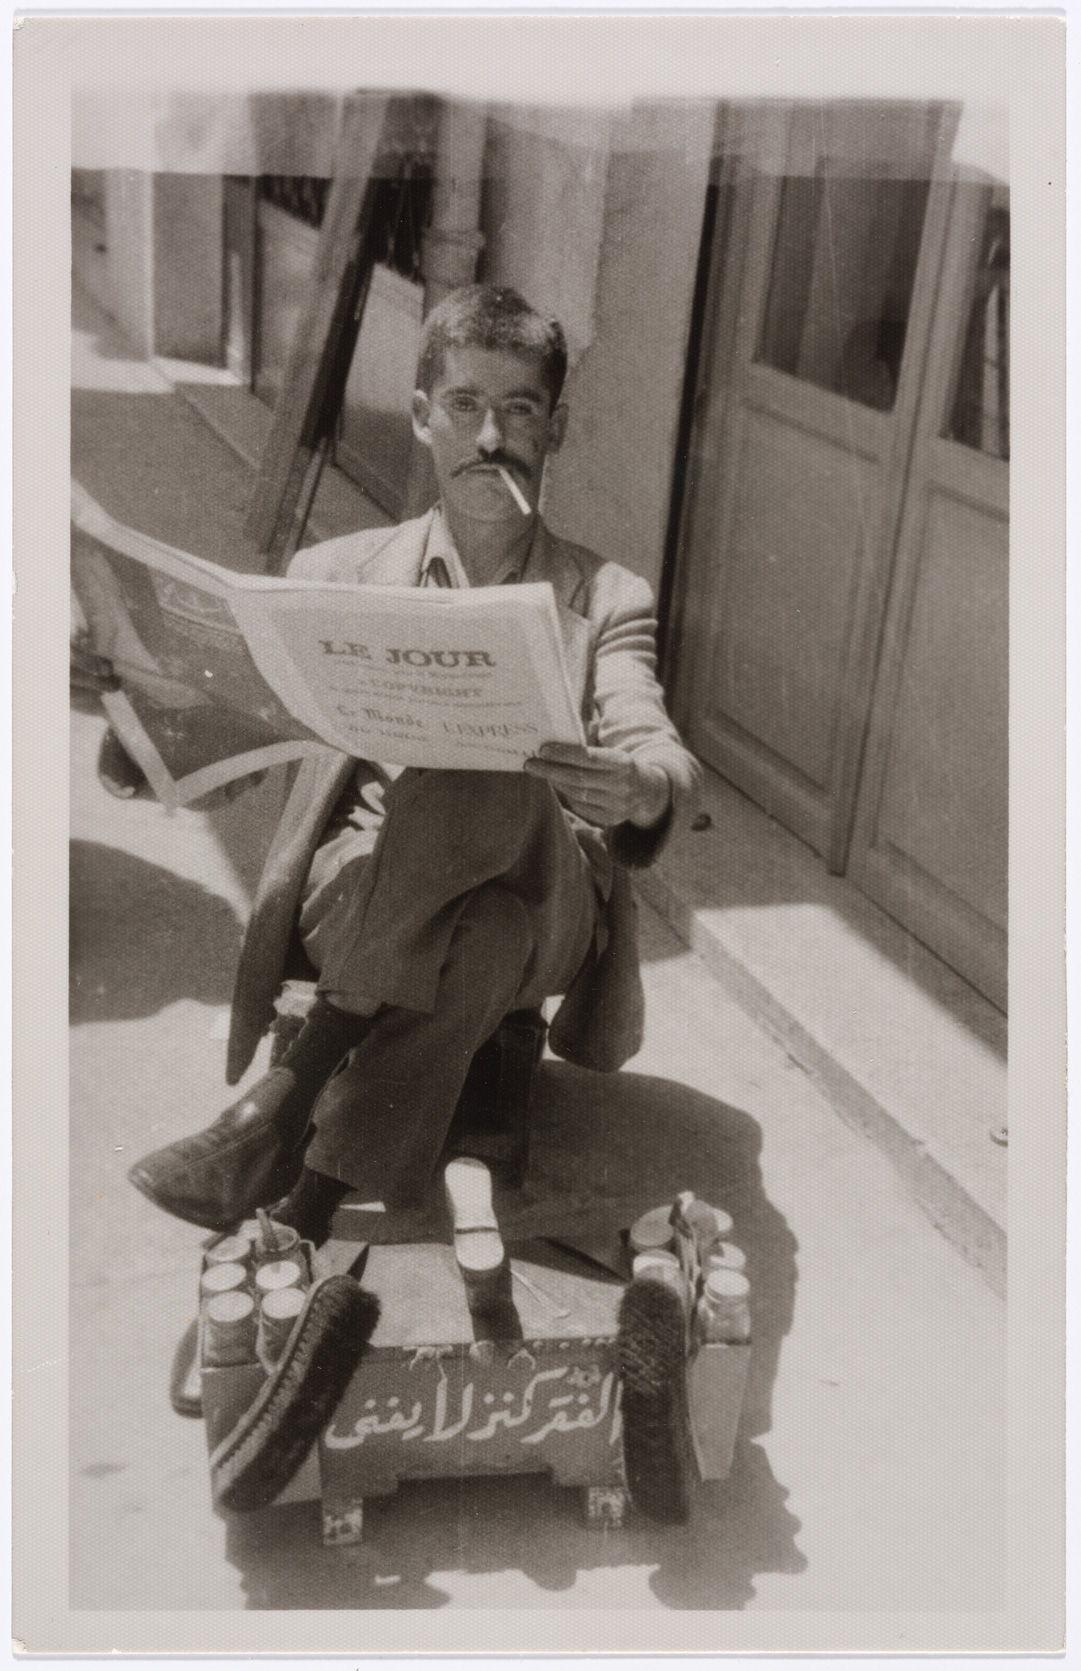 Portrait de rue, Mohammad Arabi, Tripoli, Liban, 1950-1960. Tirage gélatino-argentique. Collection FAI reproduite avec l'autorisation de la Fondation arabe pour l'image.